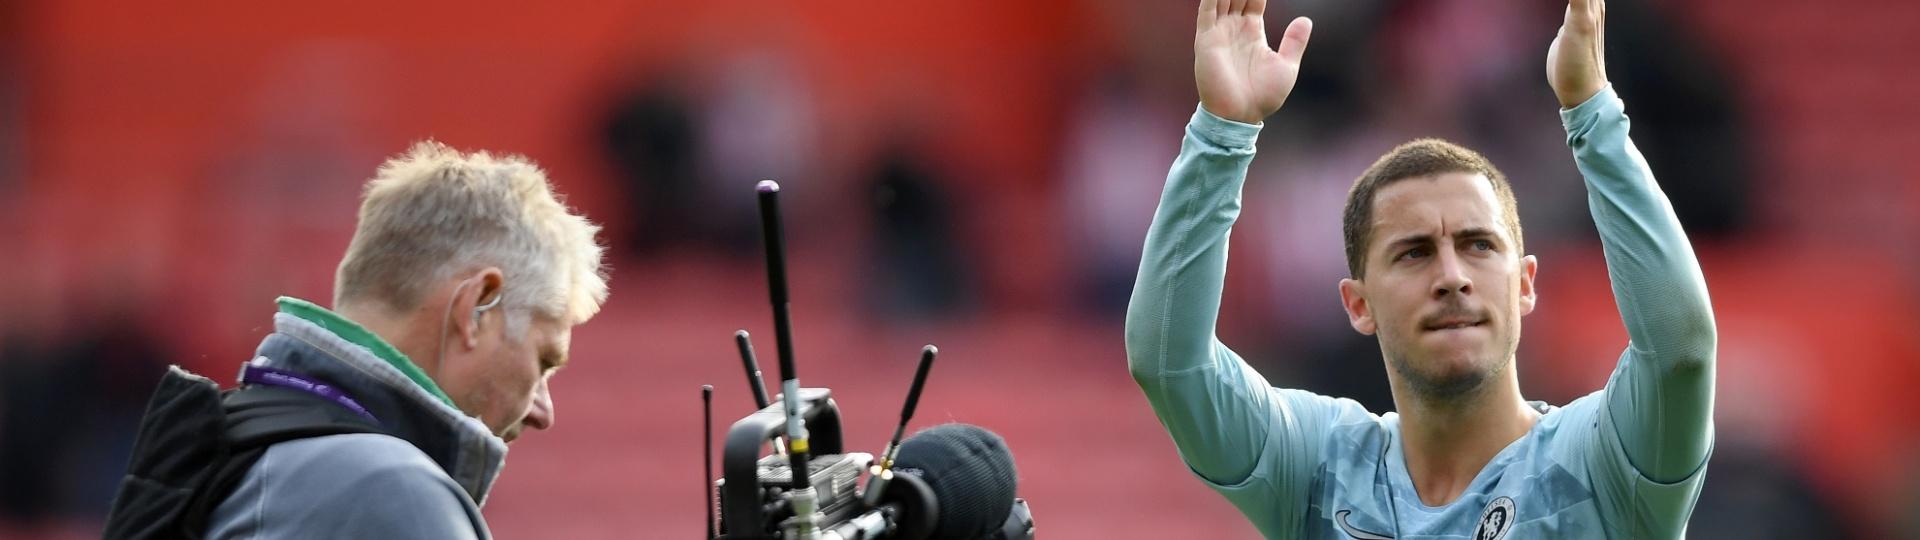 Hazard é um dos principais responsáveis pela campanha do Chelsea na Premier League